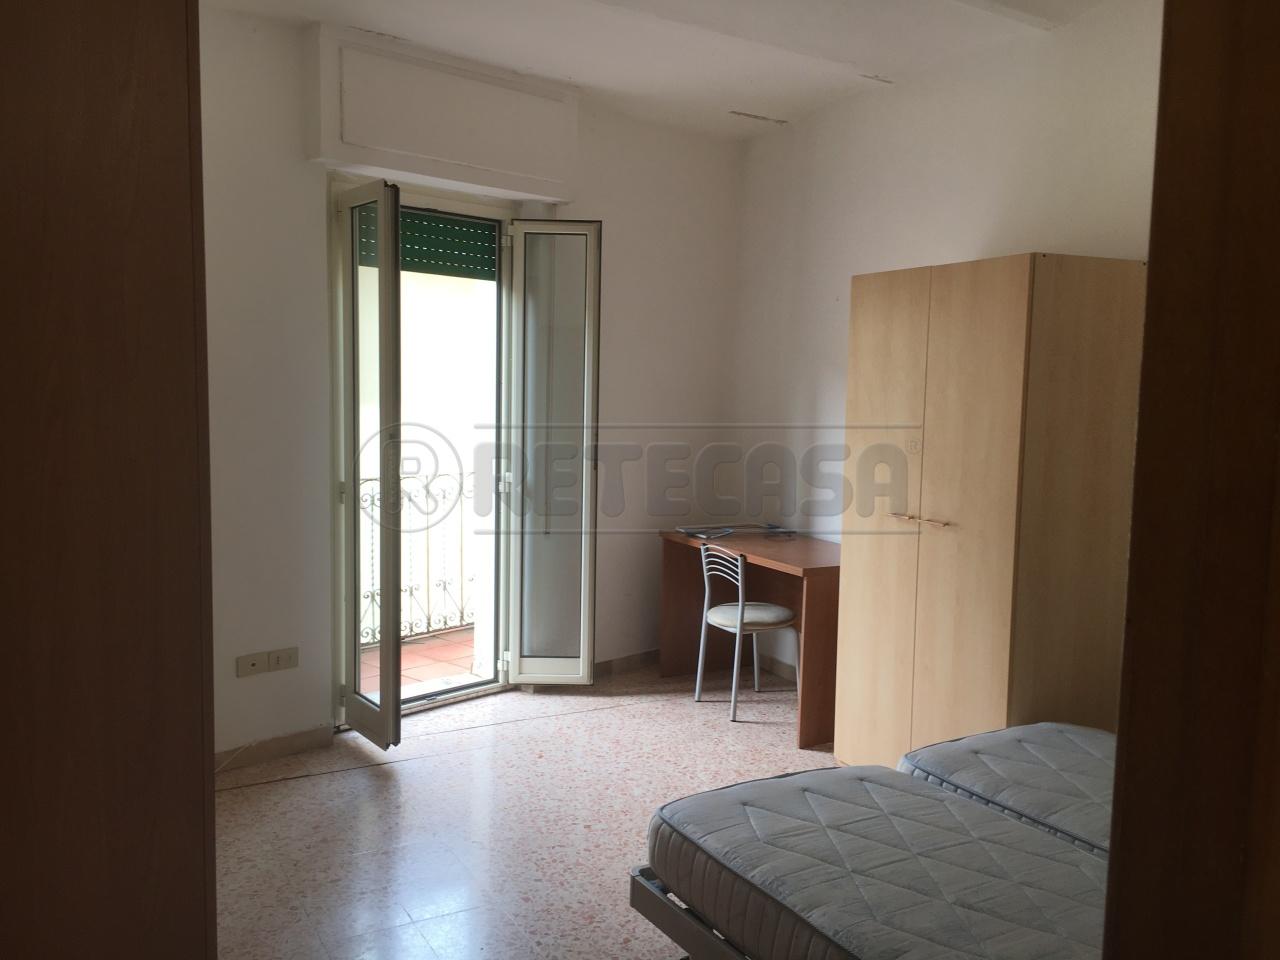 Appartamento in vendita a Perugia, 4 locali, prezzo € 85.000 | Cambio Casa.it